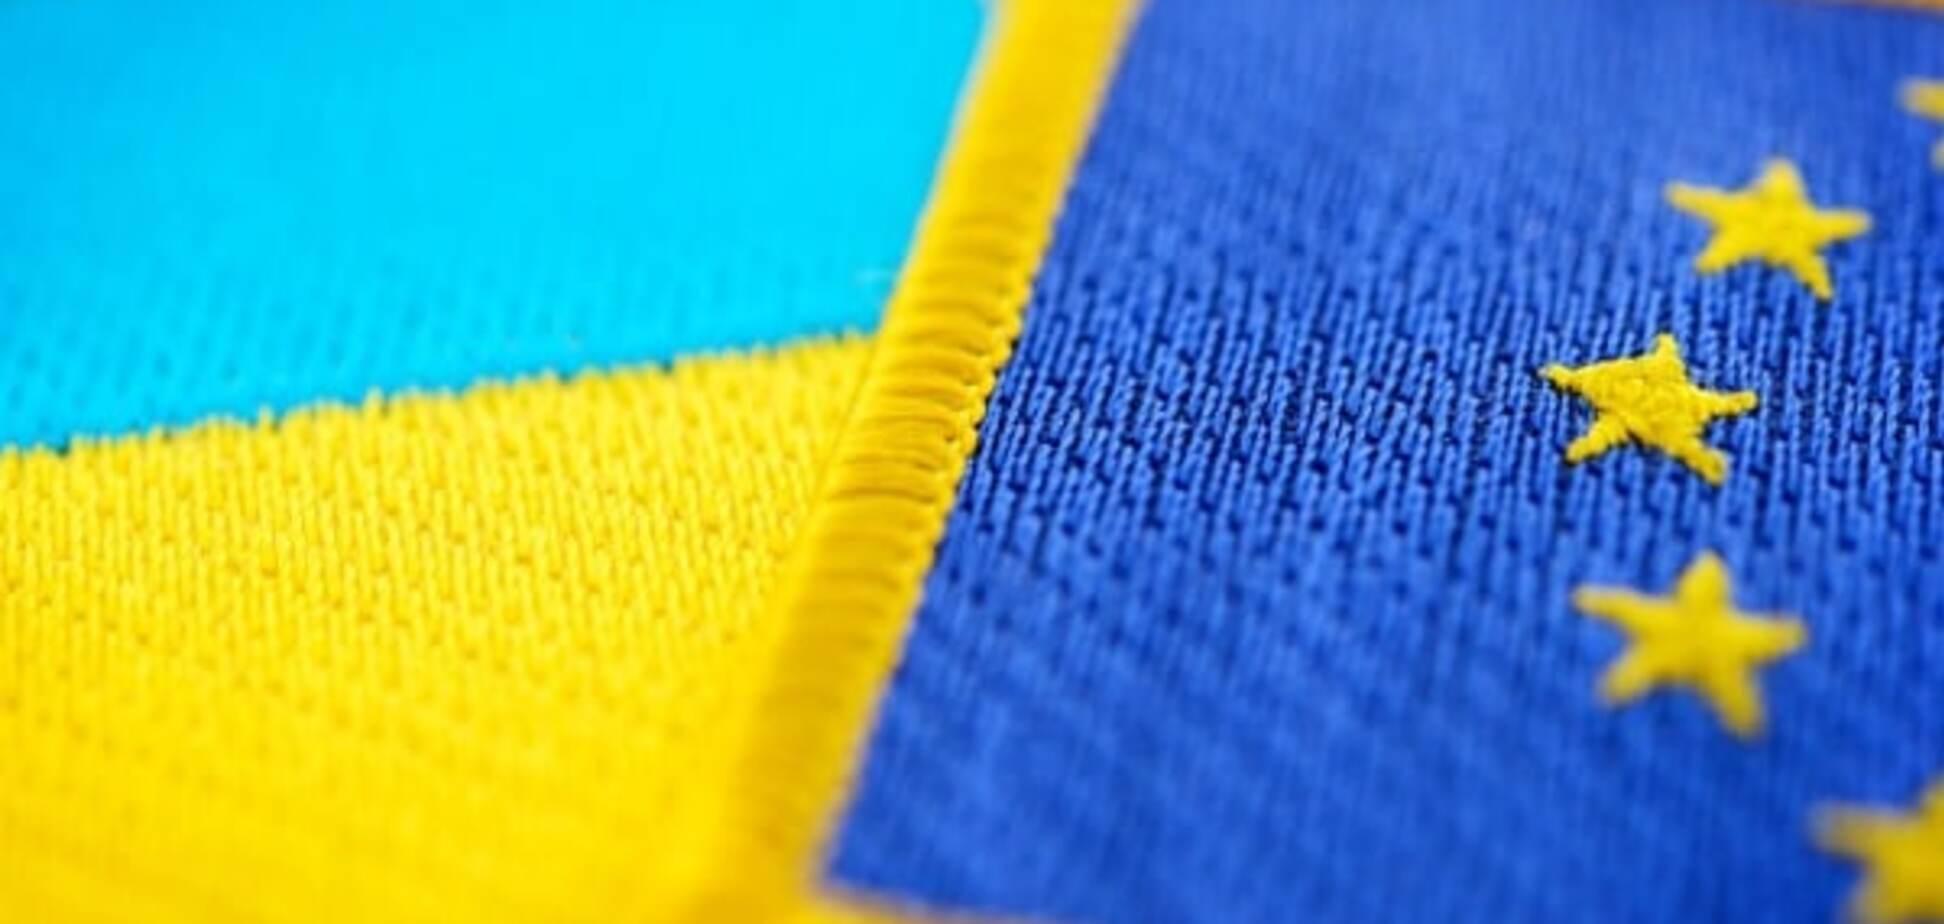 Уже з 1 грудня: три сценарії отримання безвізового режиму з Євросоюзом для України